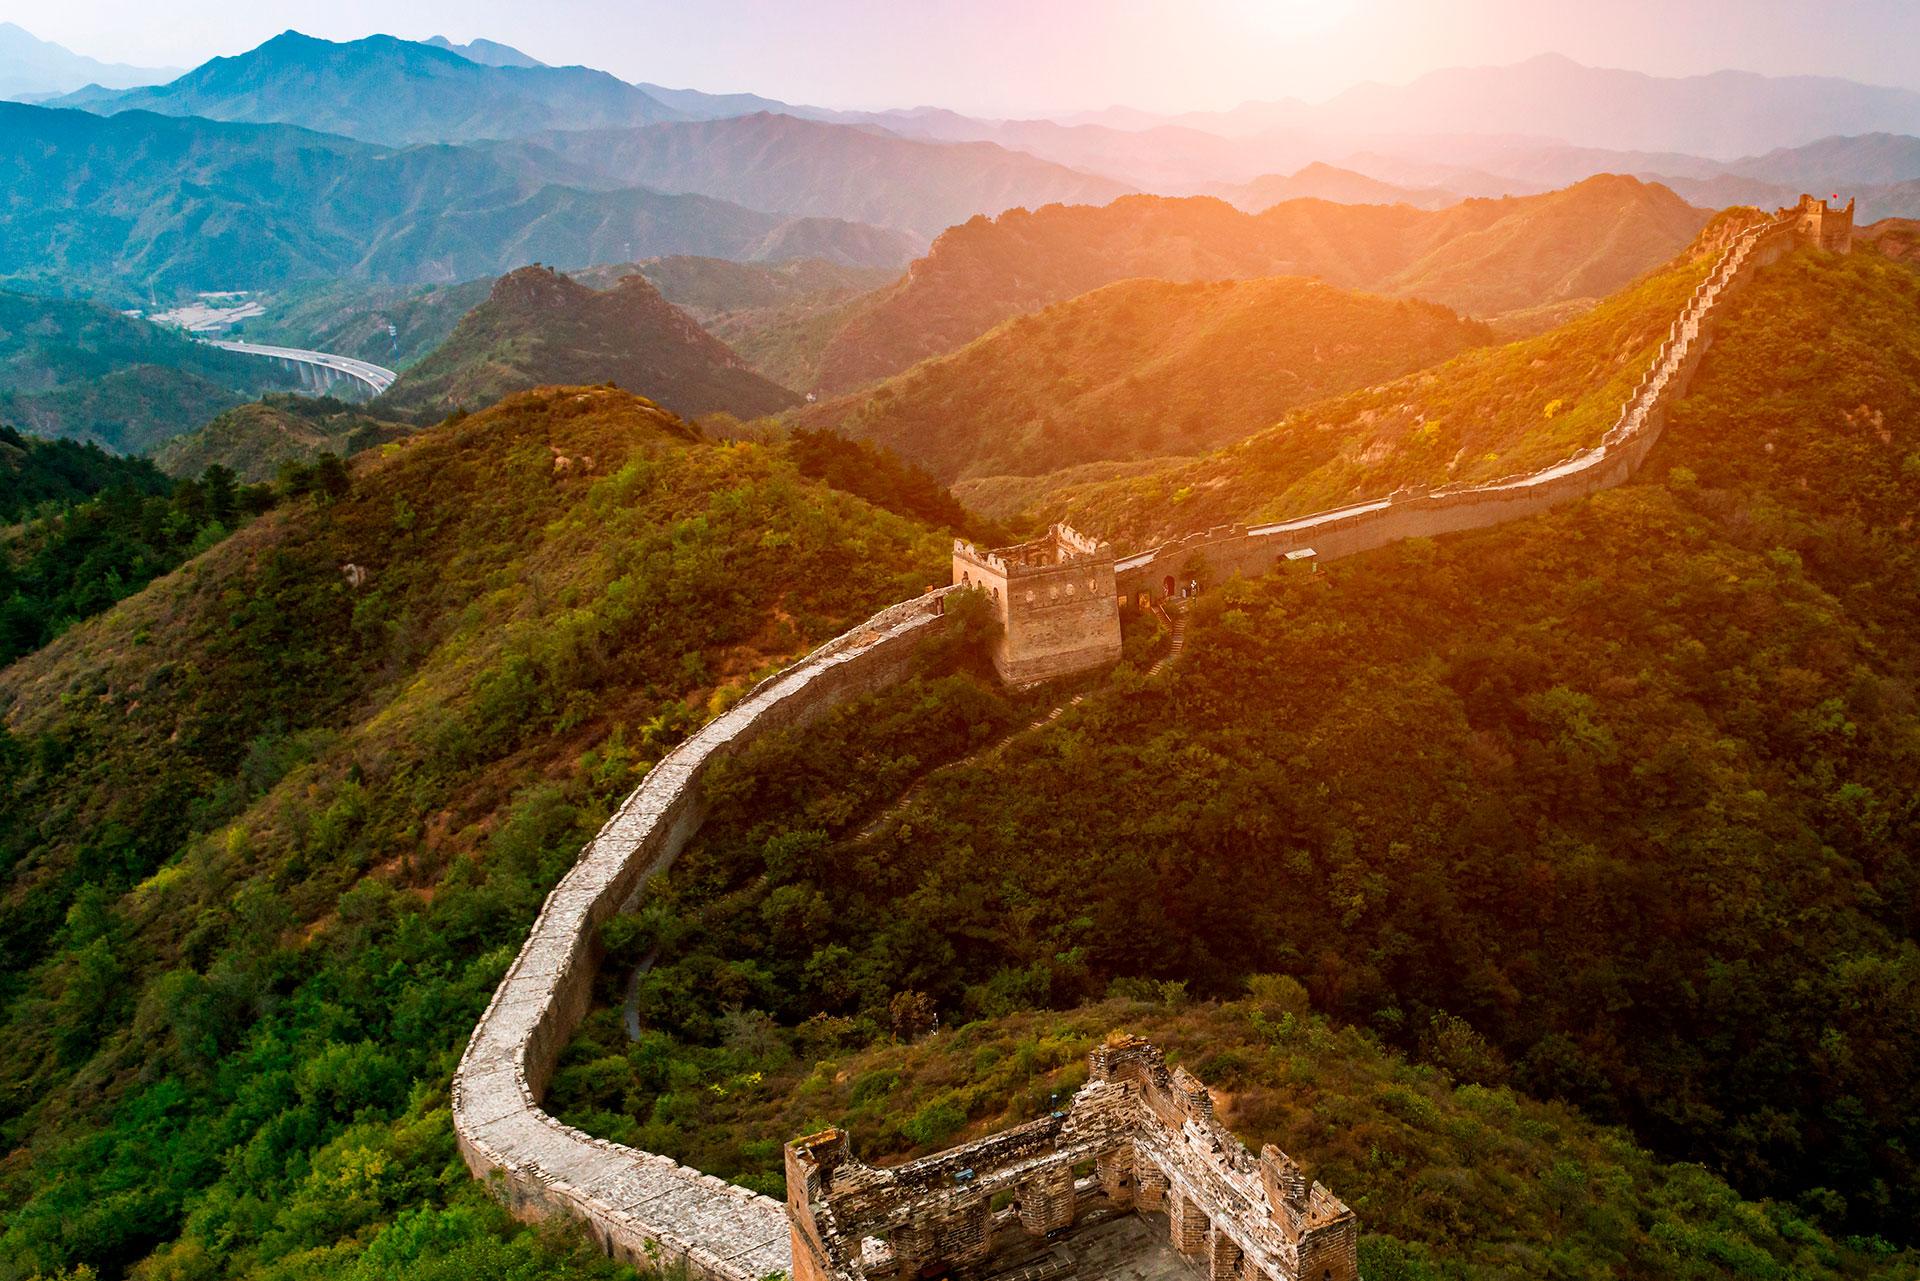 Con 21.200 kilómetros de largo, la Gran Muralla China es Patrimonio de la Humanidad por la UNESCO y fue votada como una de las Nuevas Siete Maravillas del Mundo en 2007. La sección Mutianyu de la Gran Muralla es la más popular entre los turistas, a solo dos horas afuera Beijing